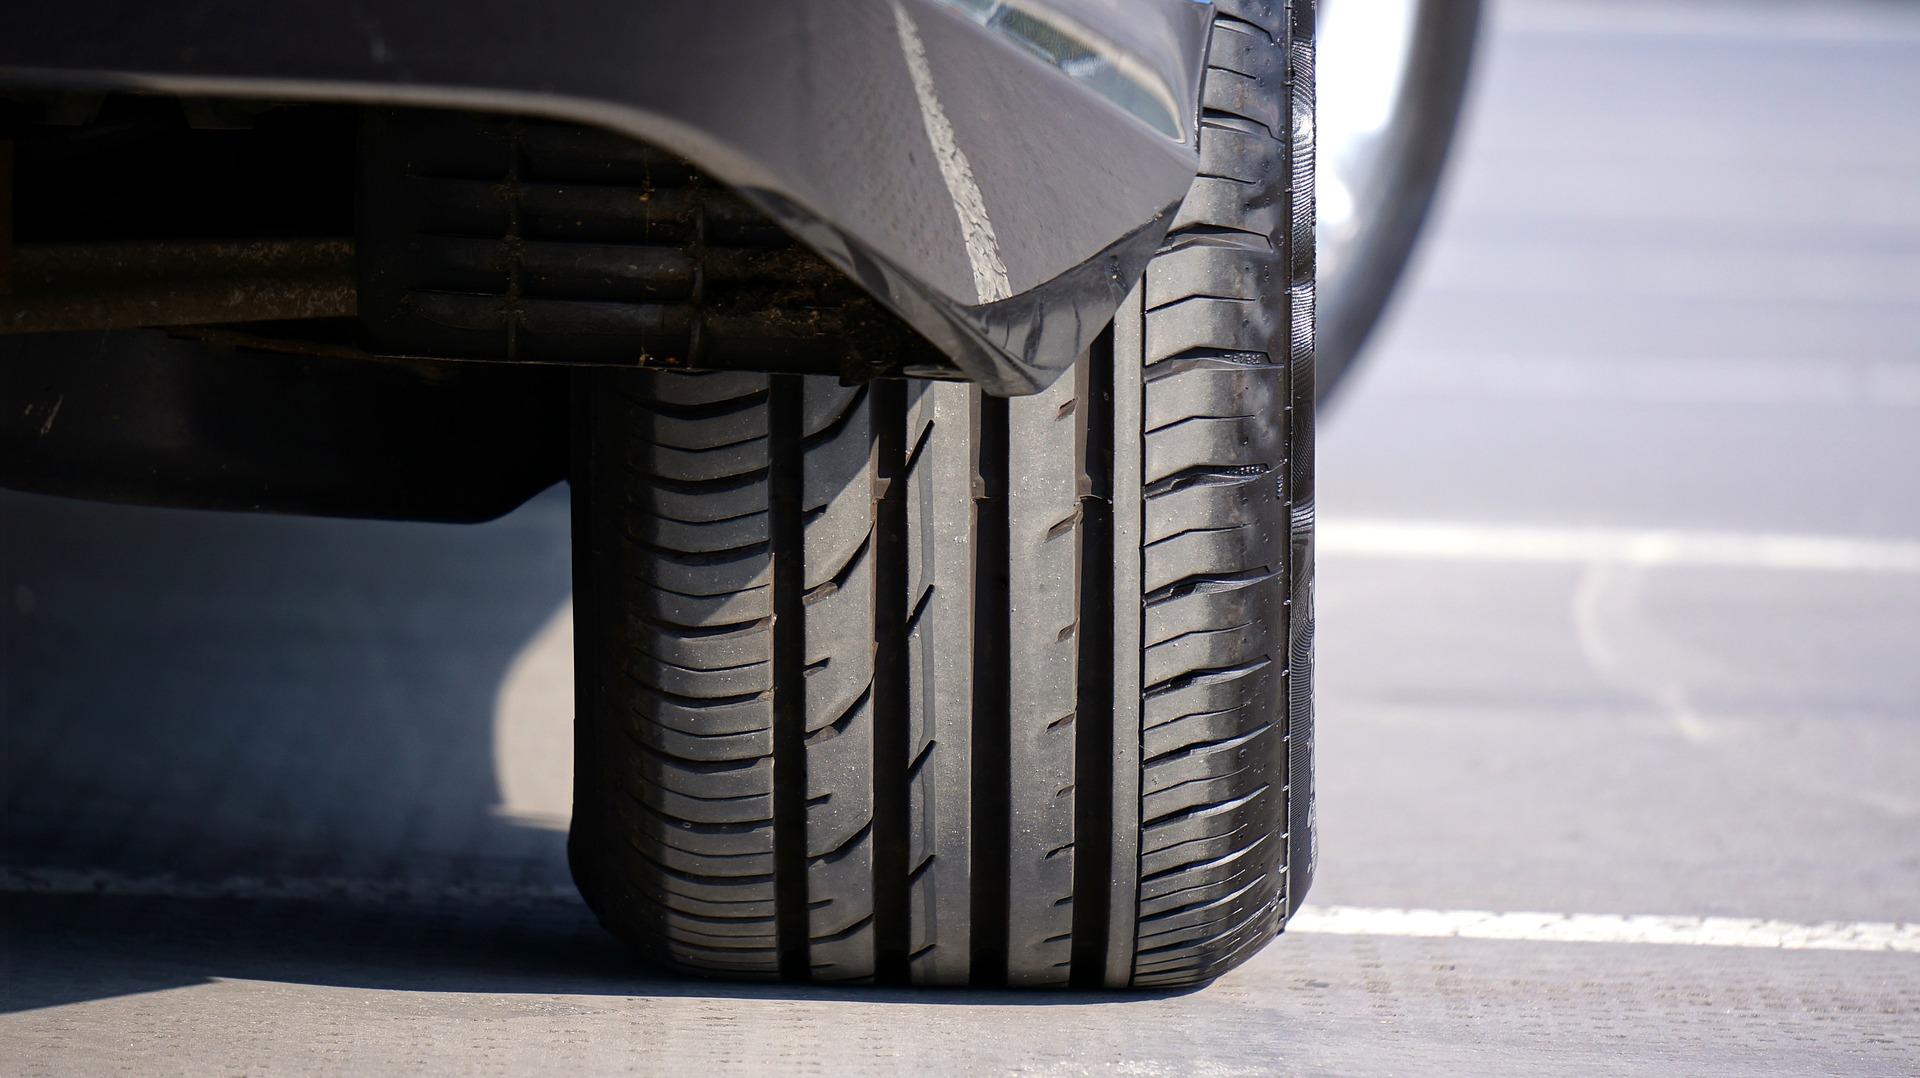 Tipala za merjenje tlaka v pnevmatikah so po novem obvezna